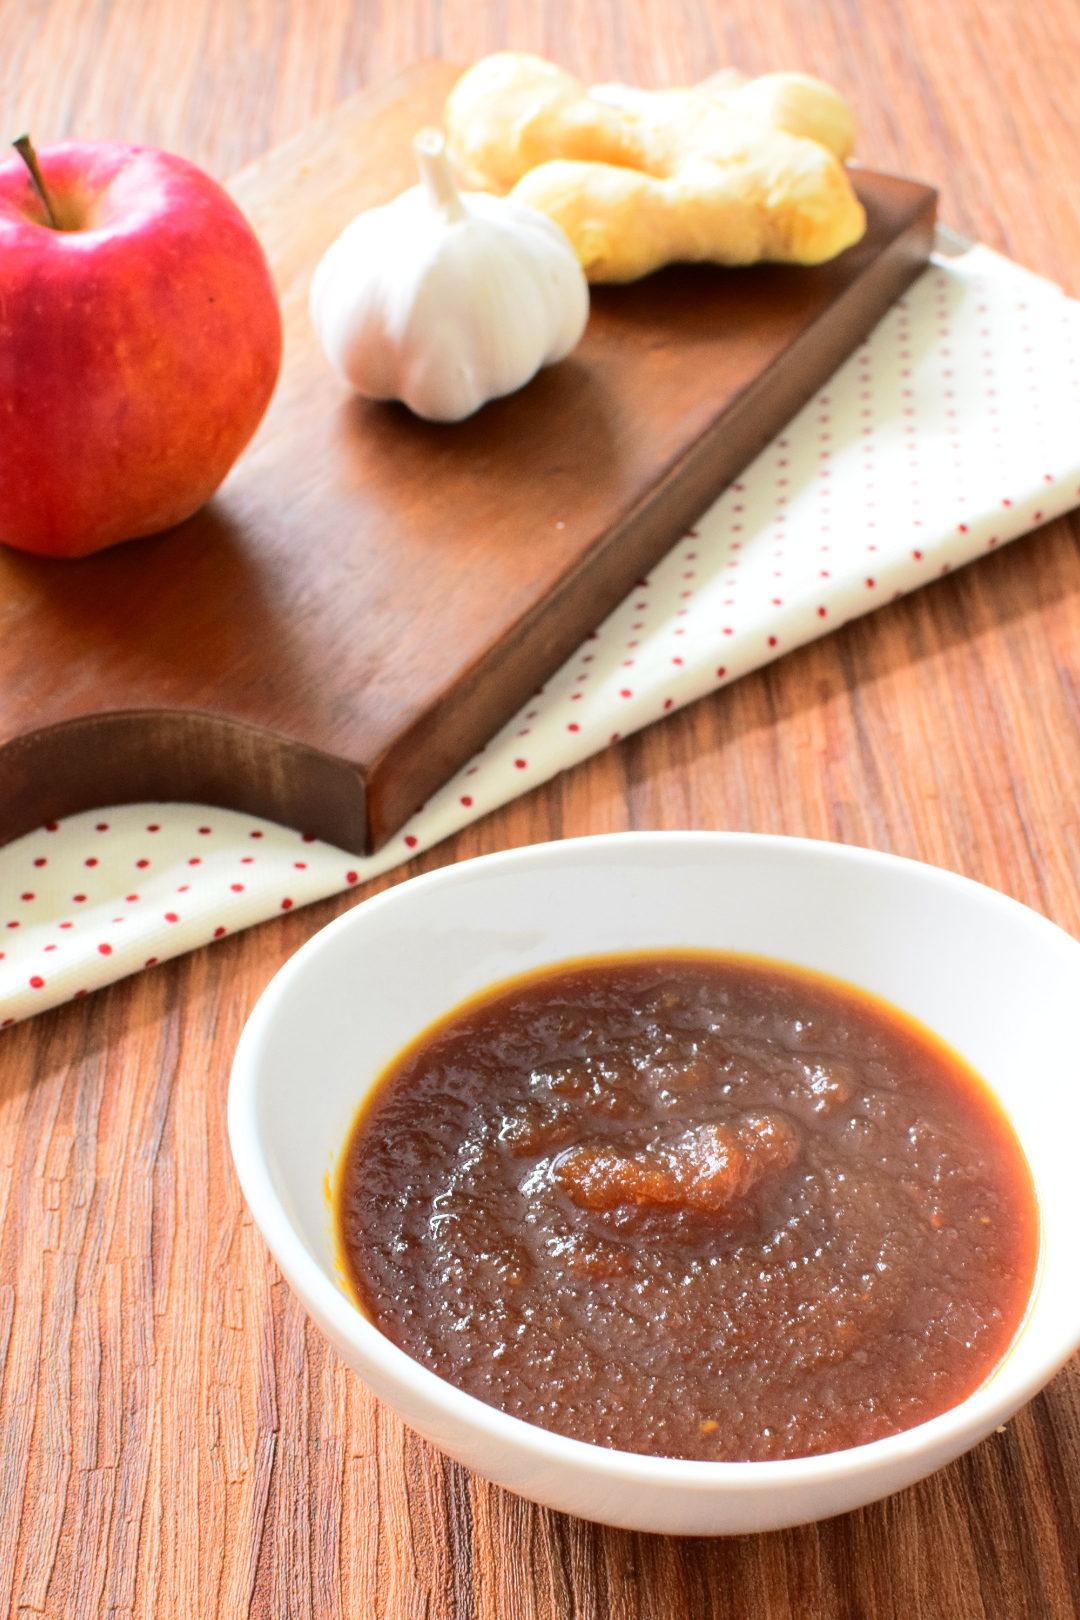 じつは簡単に作れる!りんご丸ごと1個使う!焼き肉のたれのレシピ